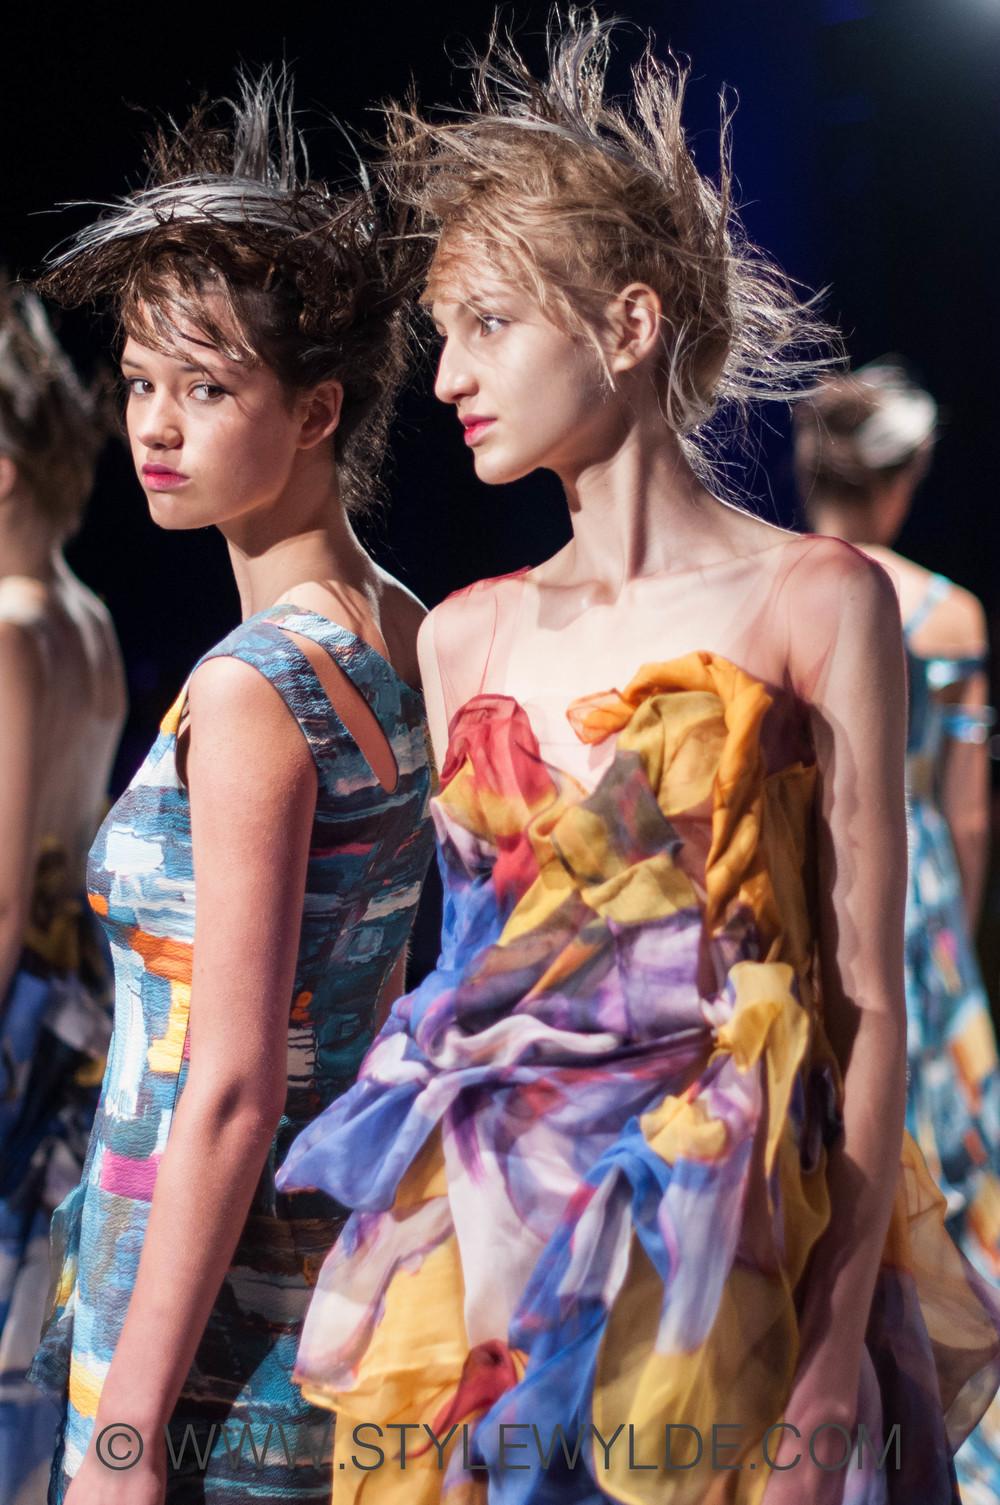 StyleWylde_Katya_PreviewStorySS15 (3 of 10).jpg